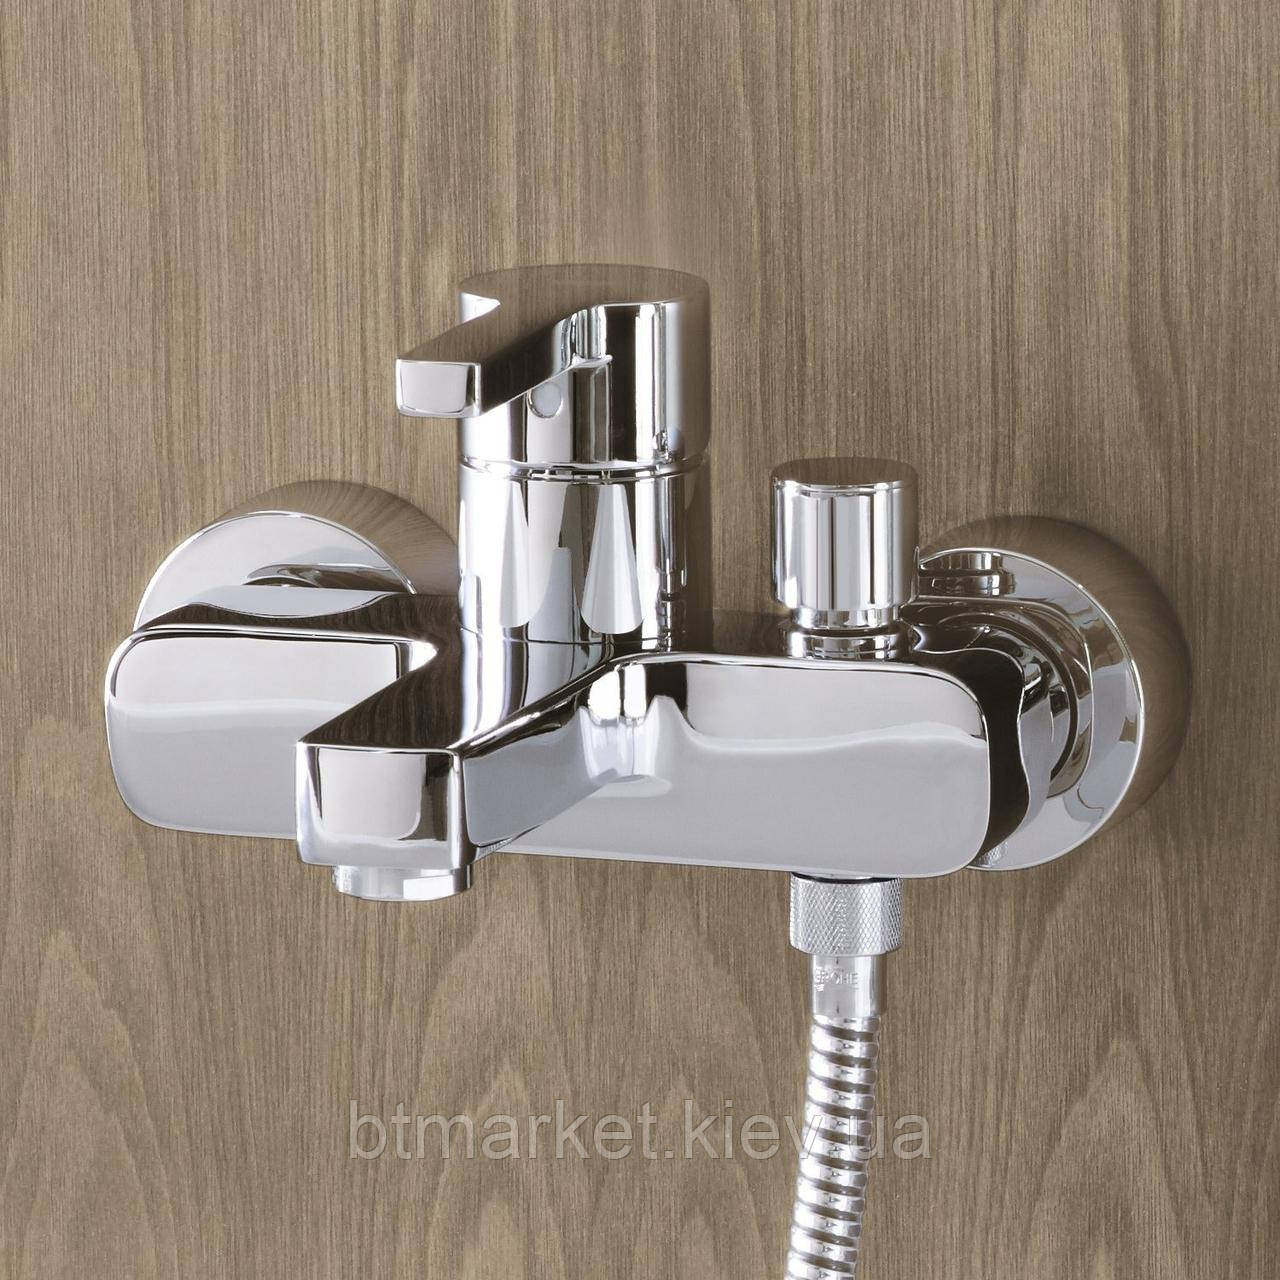 Смеситель для ванны Grohe Lineare однорычажный хром  33849000